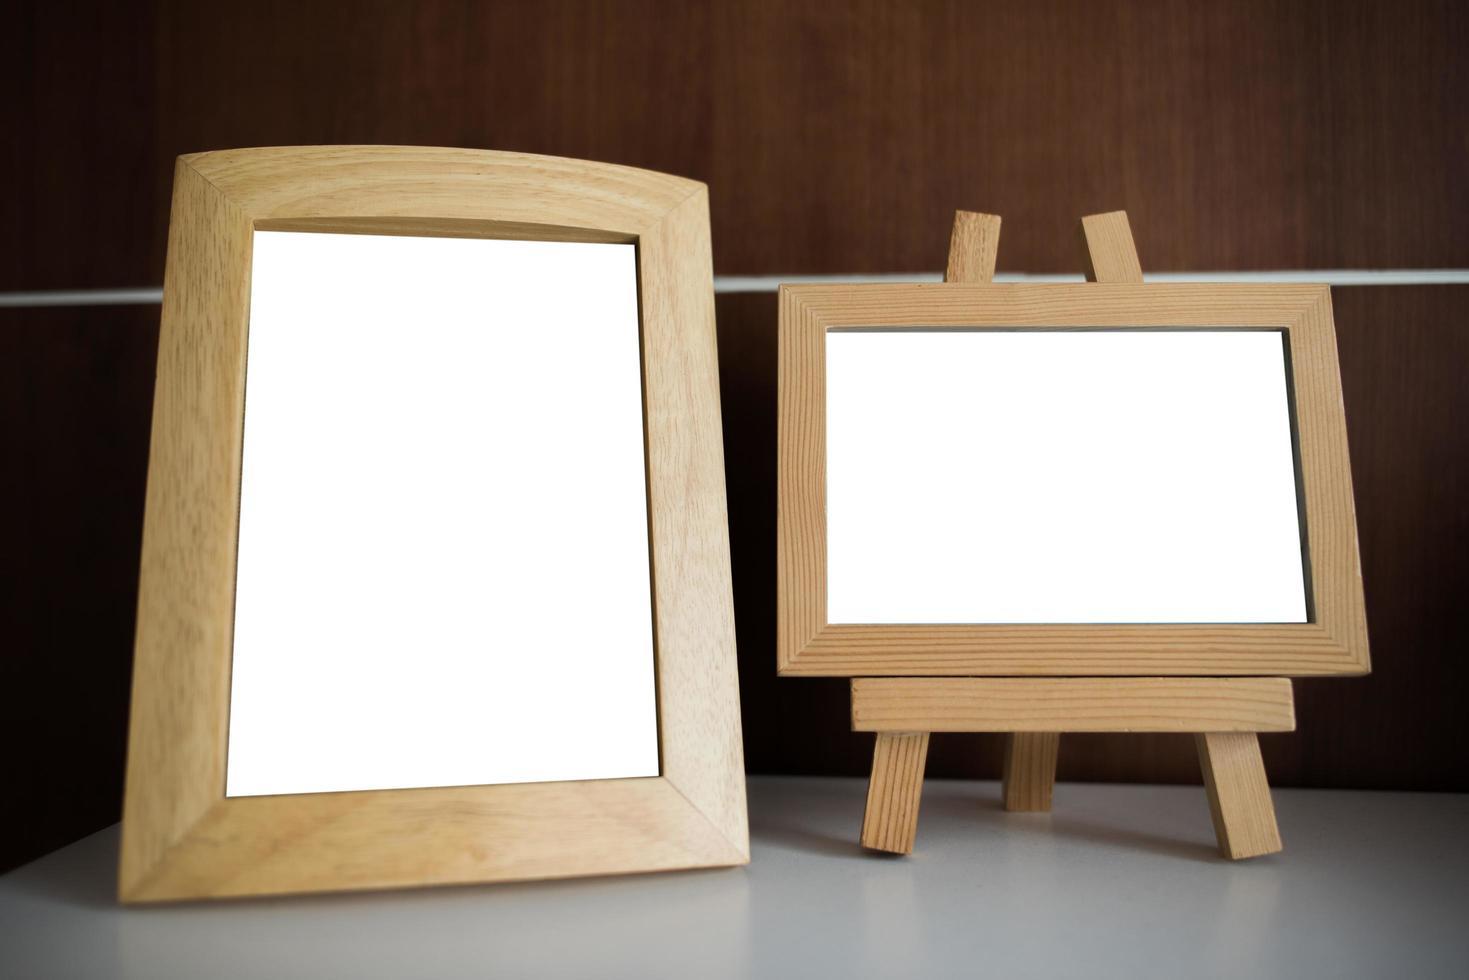 Fotorahmen auf Tisch mit Kopierraum foto